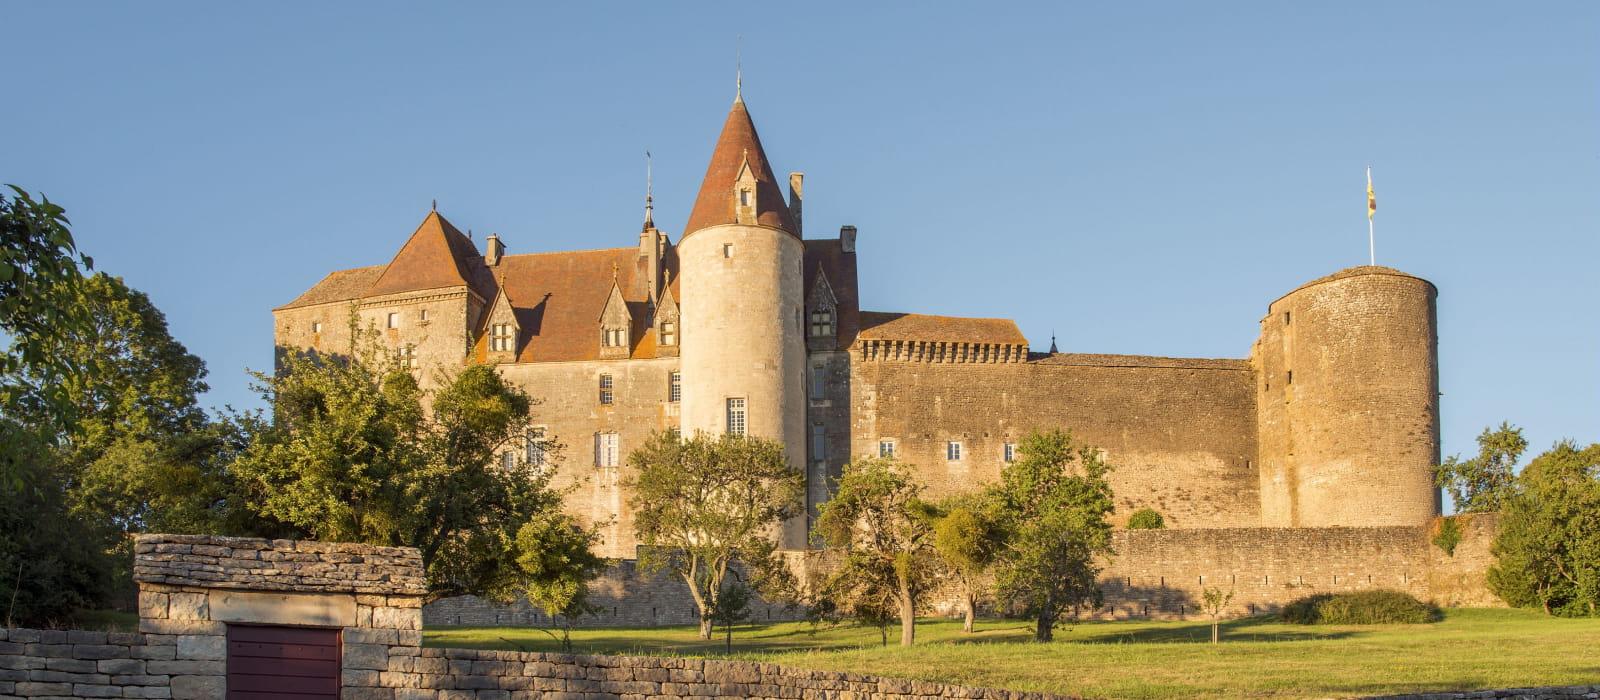 Forteresse de Châteauneuf en Auxois